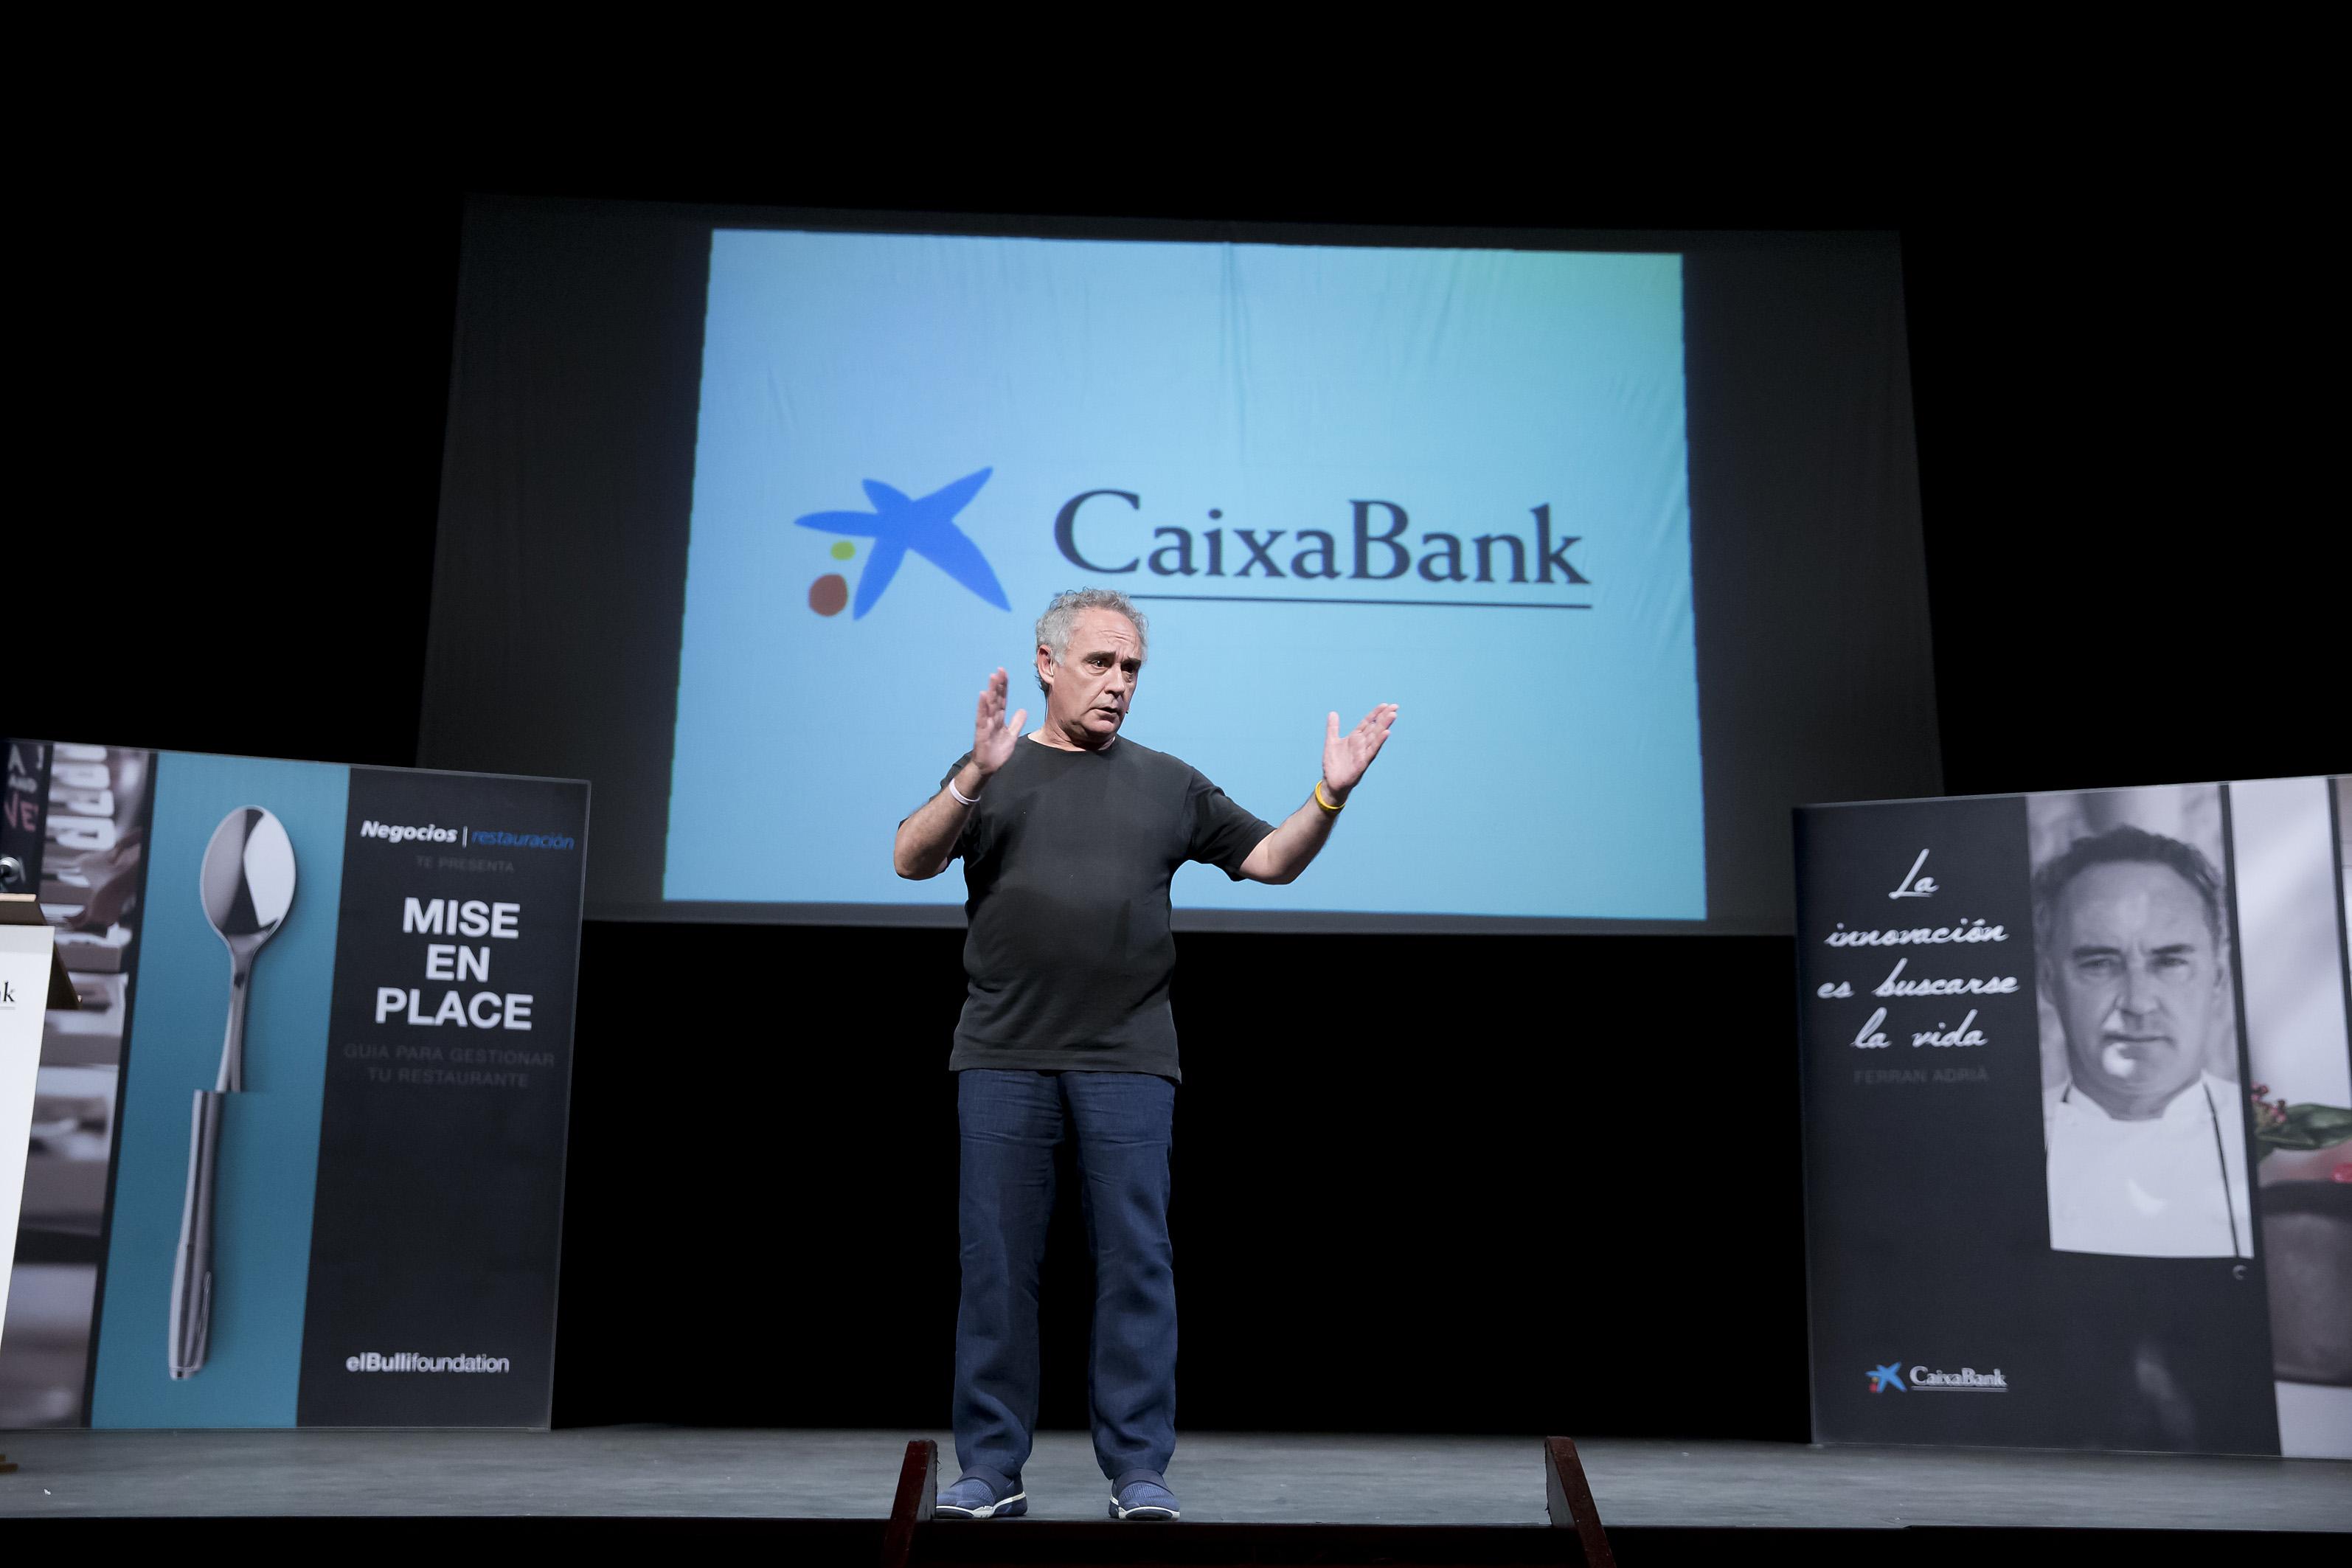 Un momento de la intervención de Ferrán Adriá en el Teatro Gayarre de Pamplona.